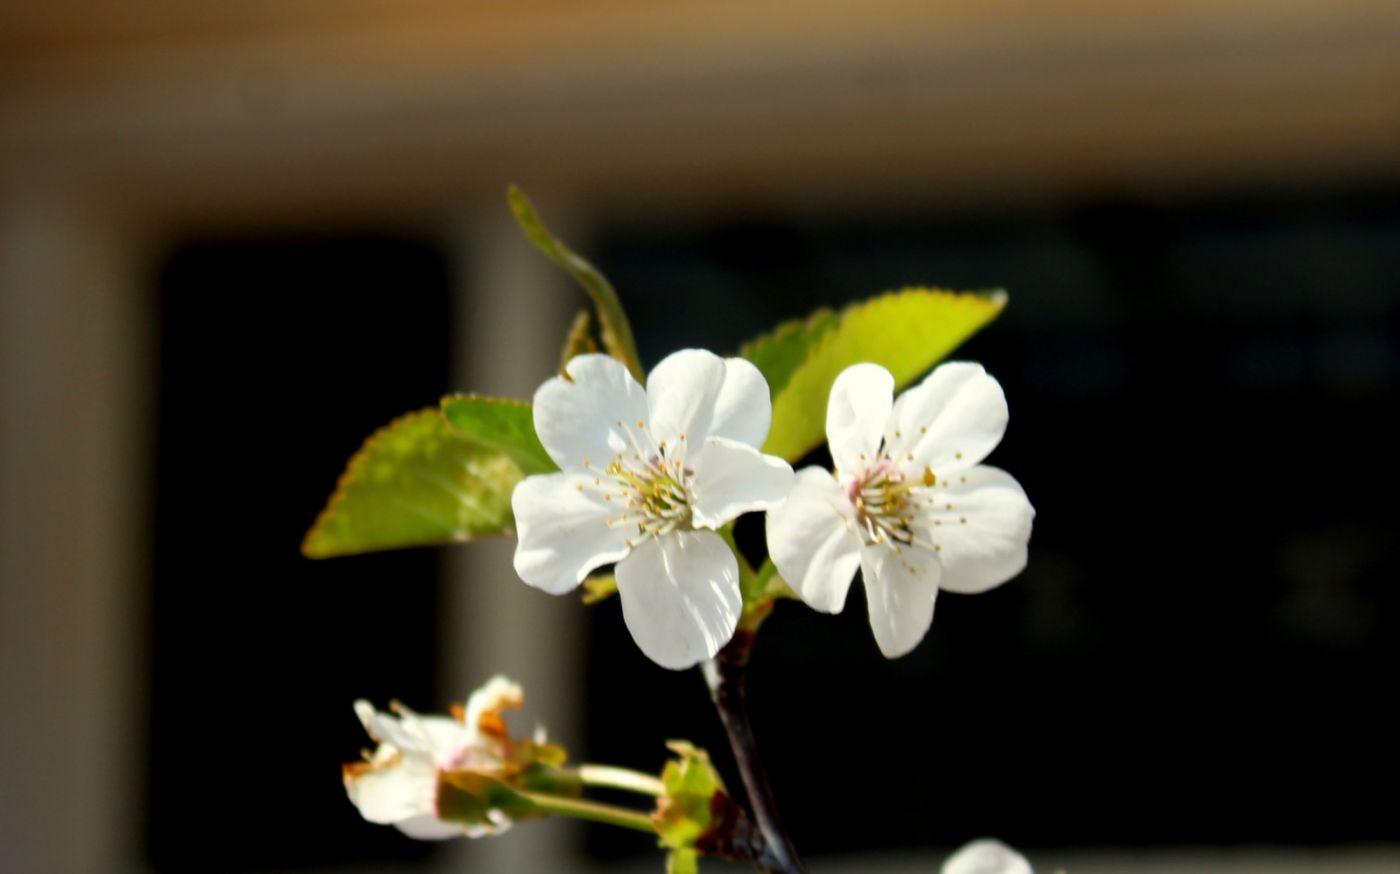 欧洲樱桃花开_图1-9